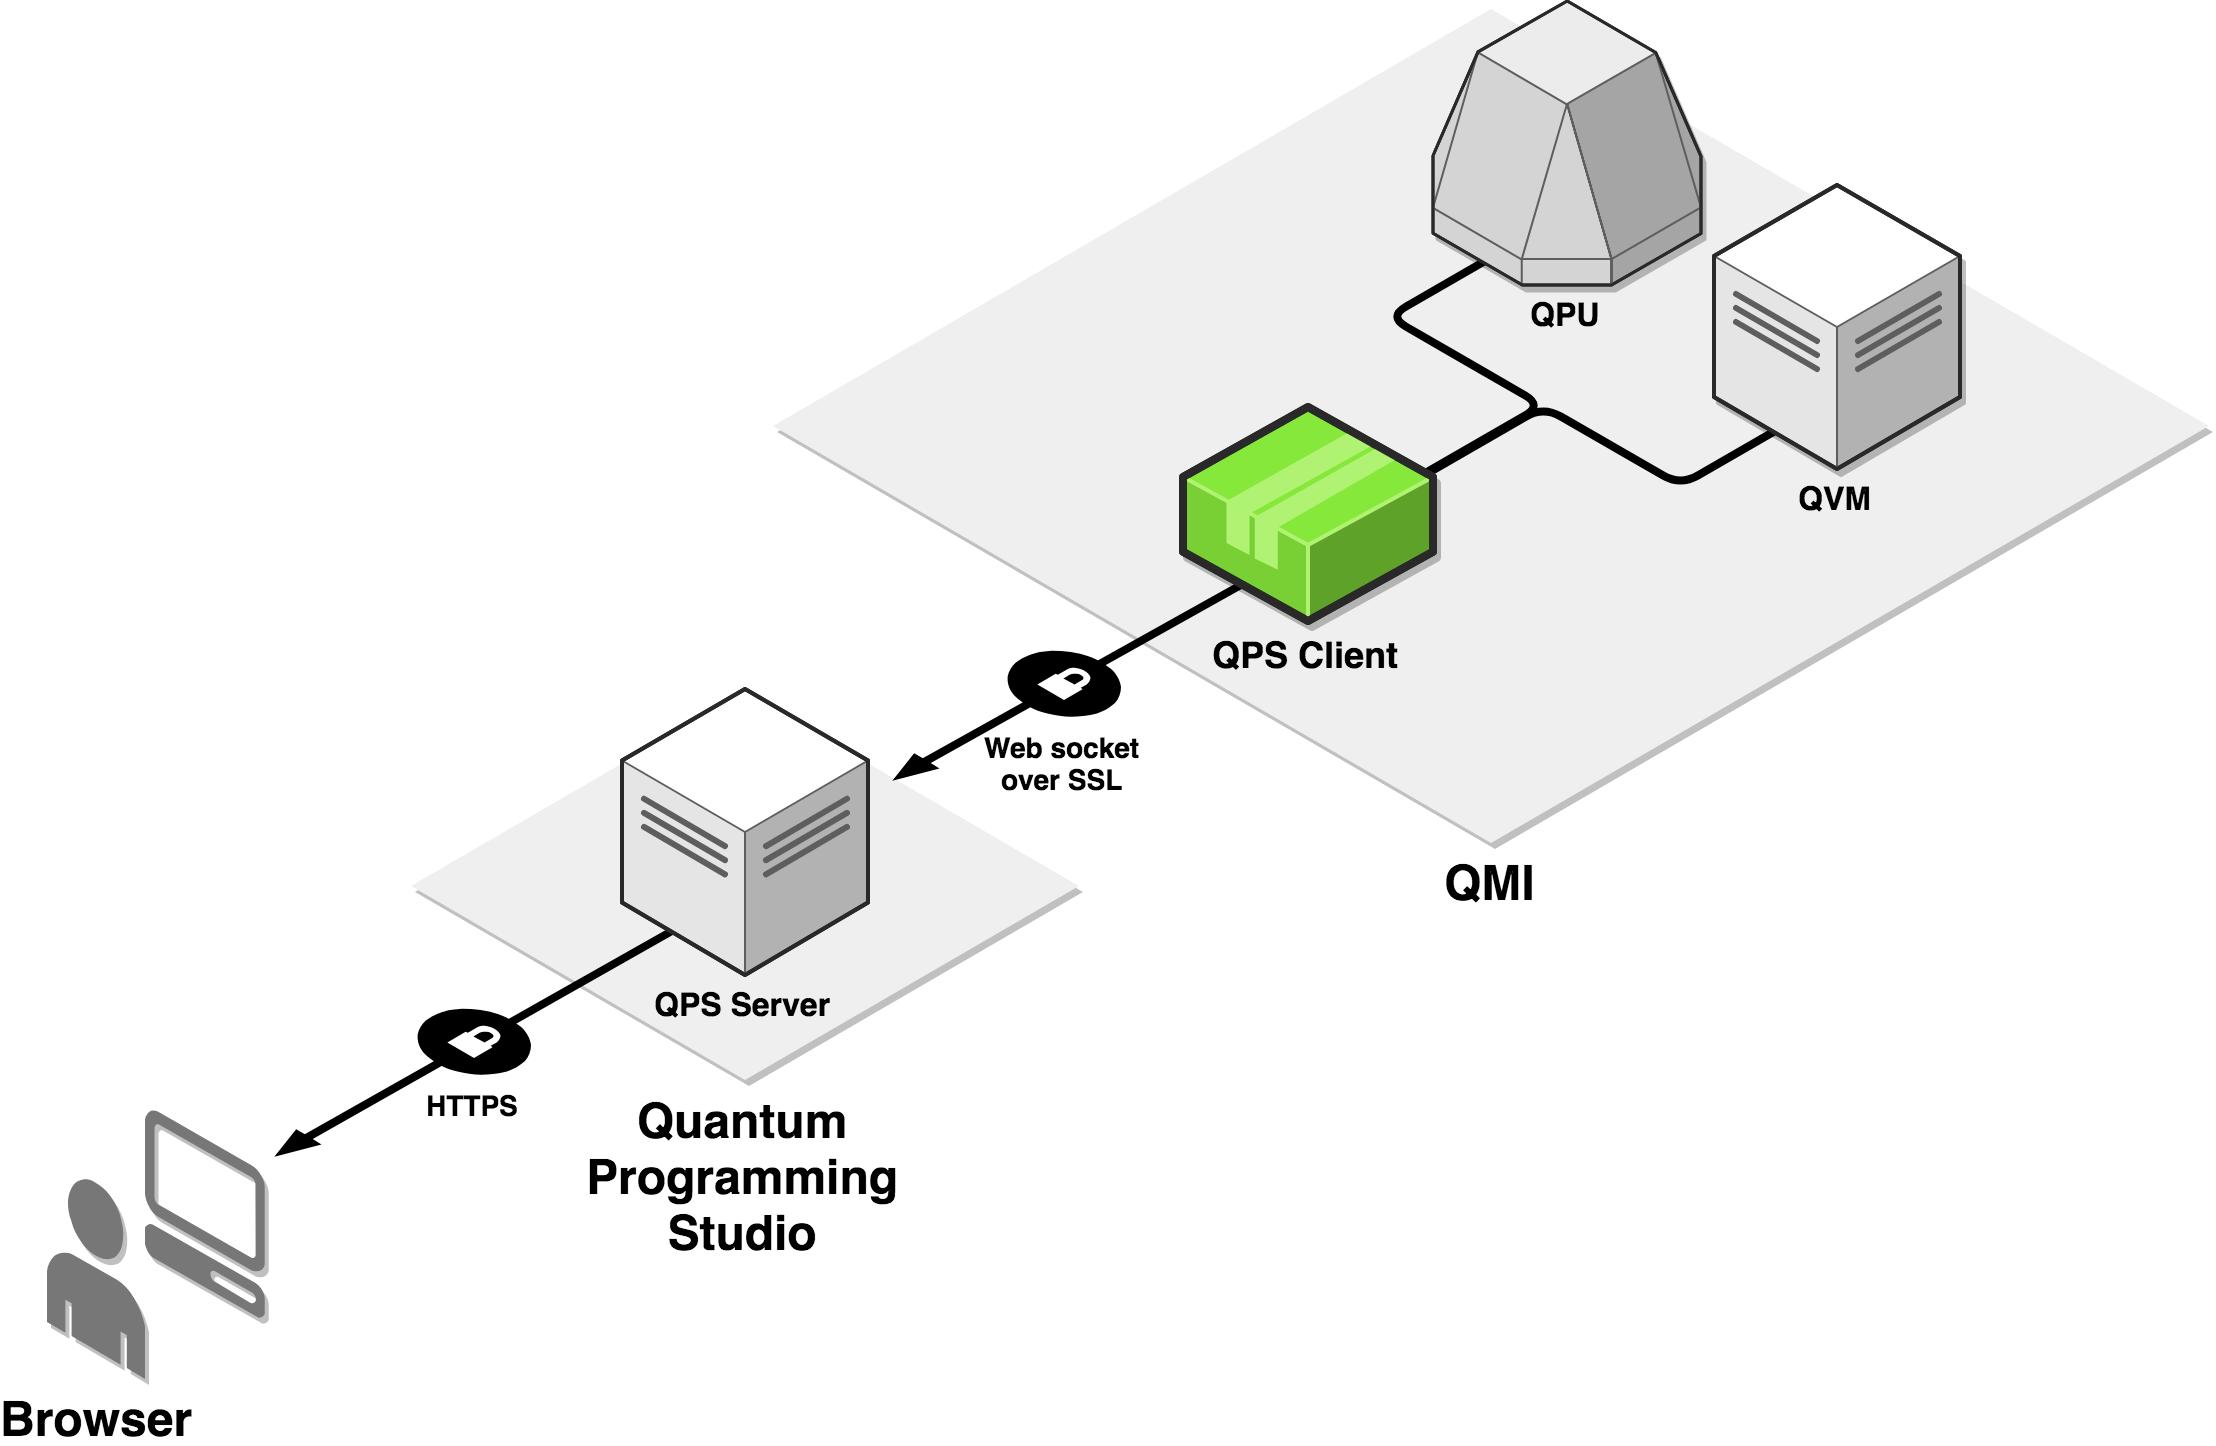 qps-client - npm